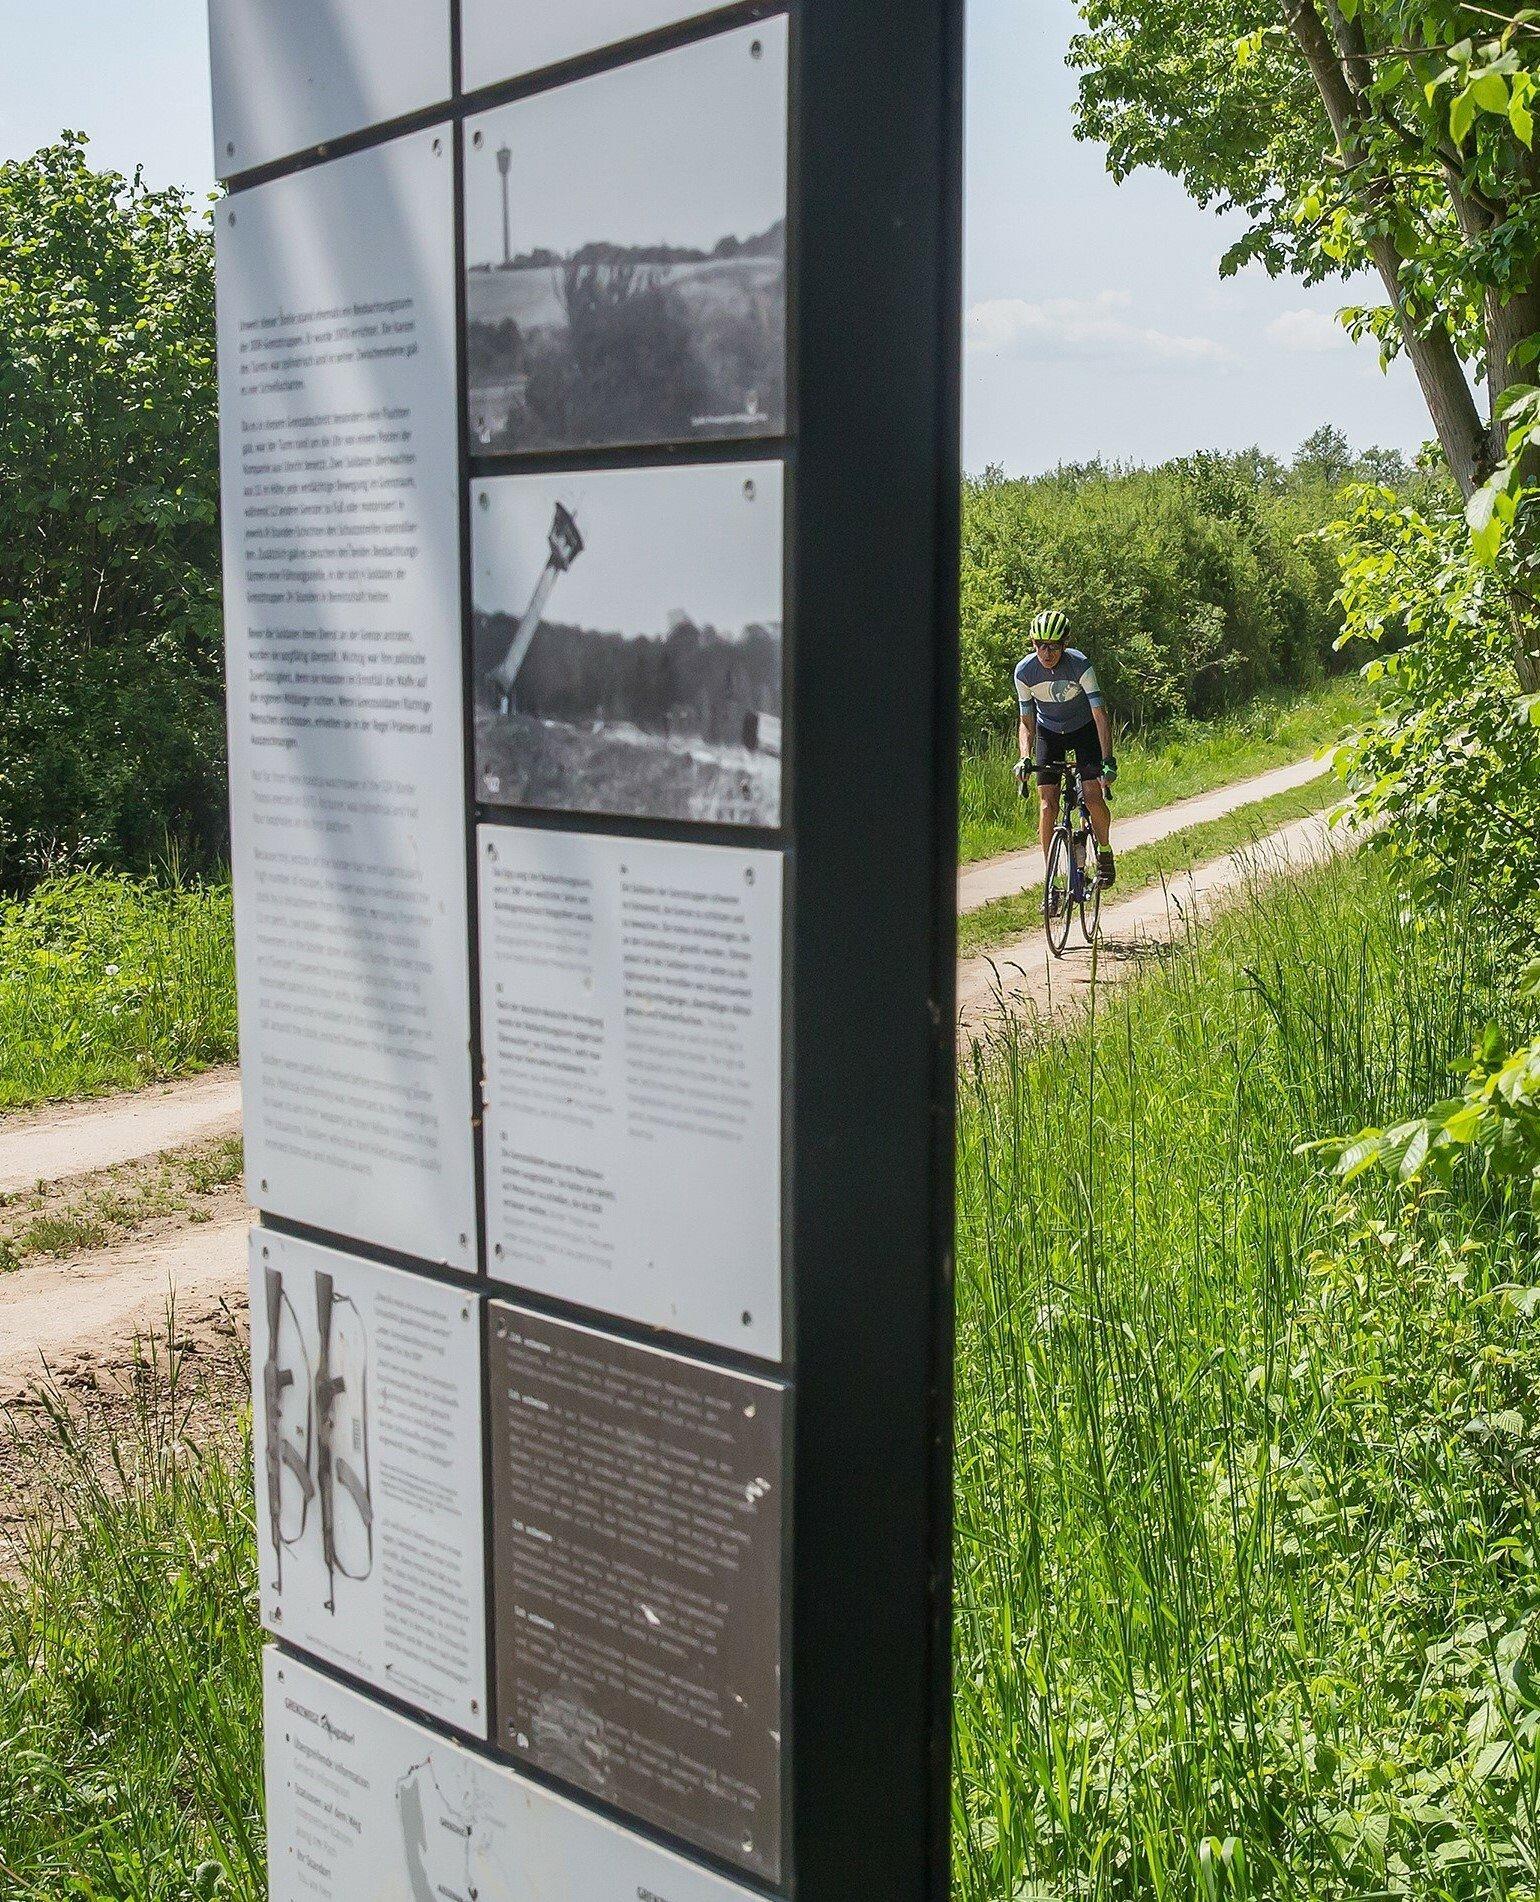 Martin C Roos fährt mit dem Rennrad auf einem alten Kolonnenweg, an dem – im Bildvordergrund – eine Schautafel des Museums zu sehen ist.